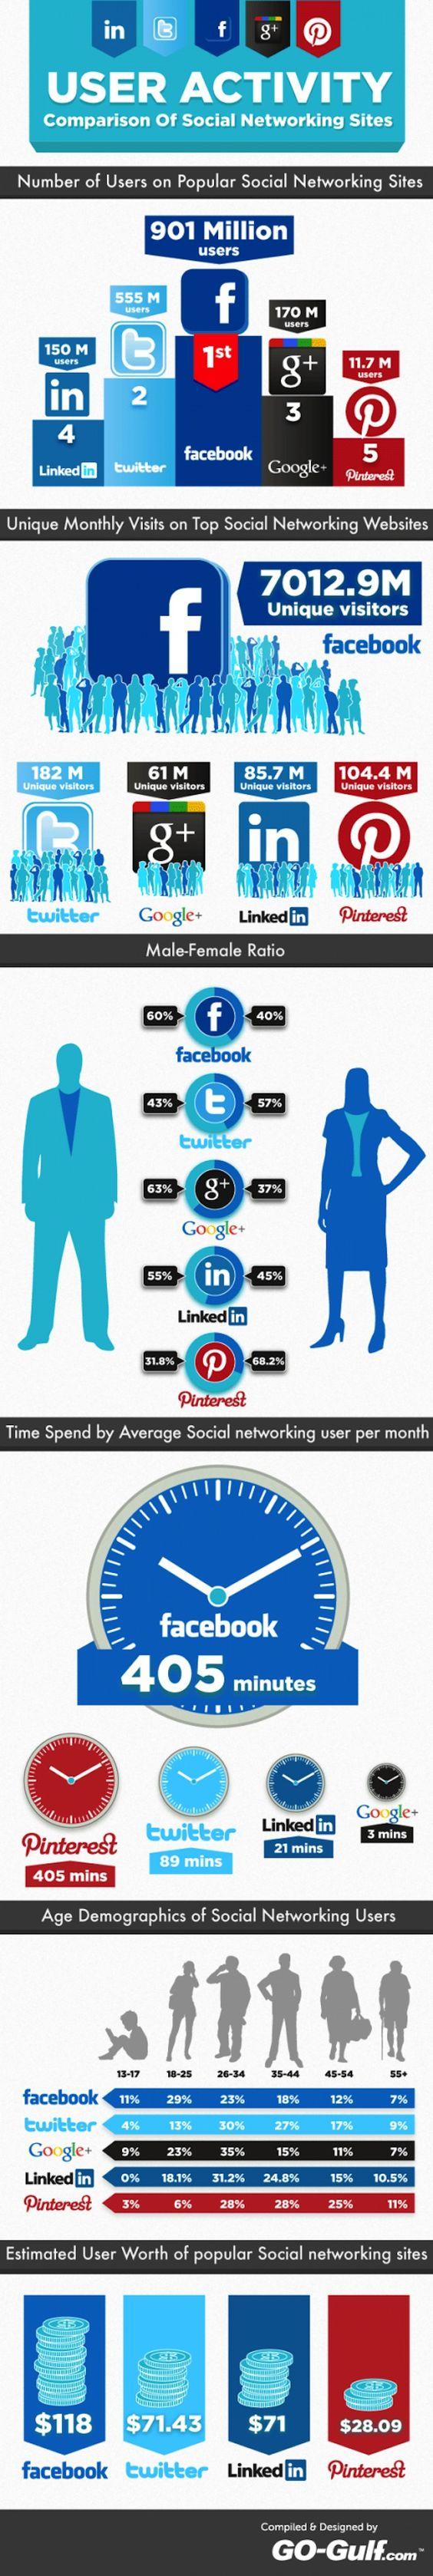 Comparación de la actividad de los usuarios en las redes sociales [Infografía]